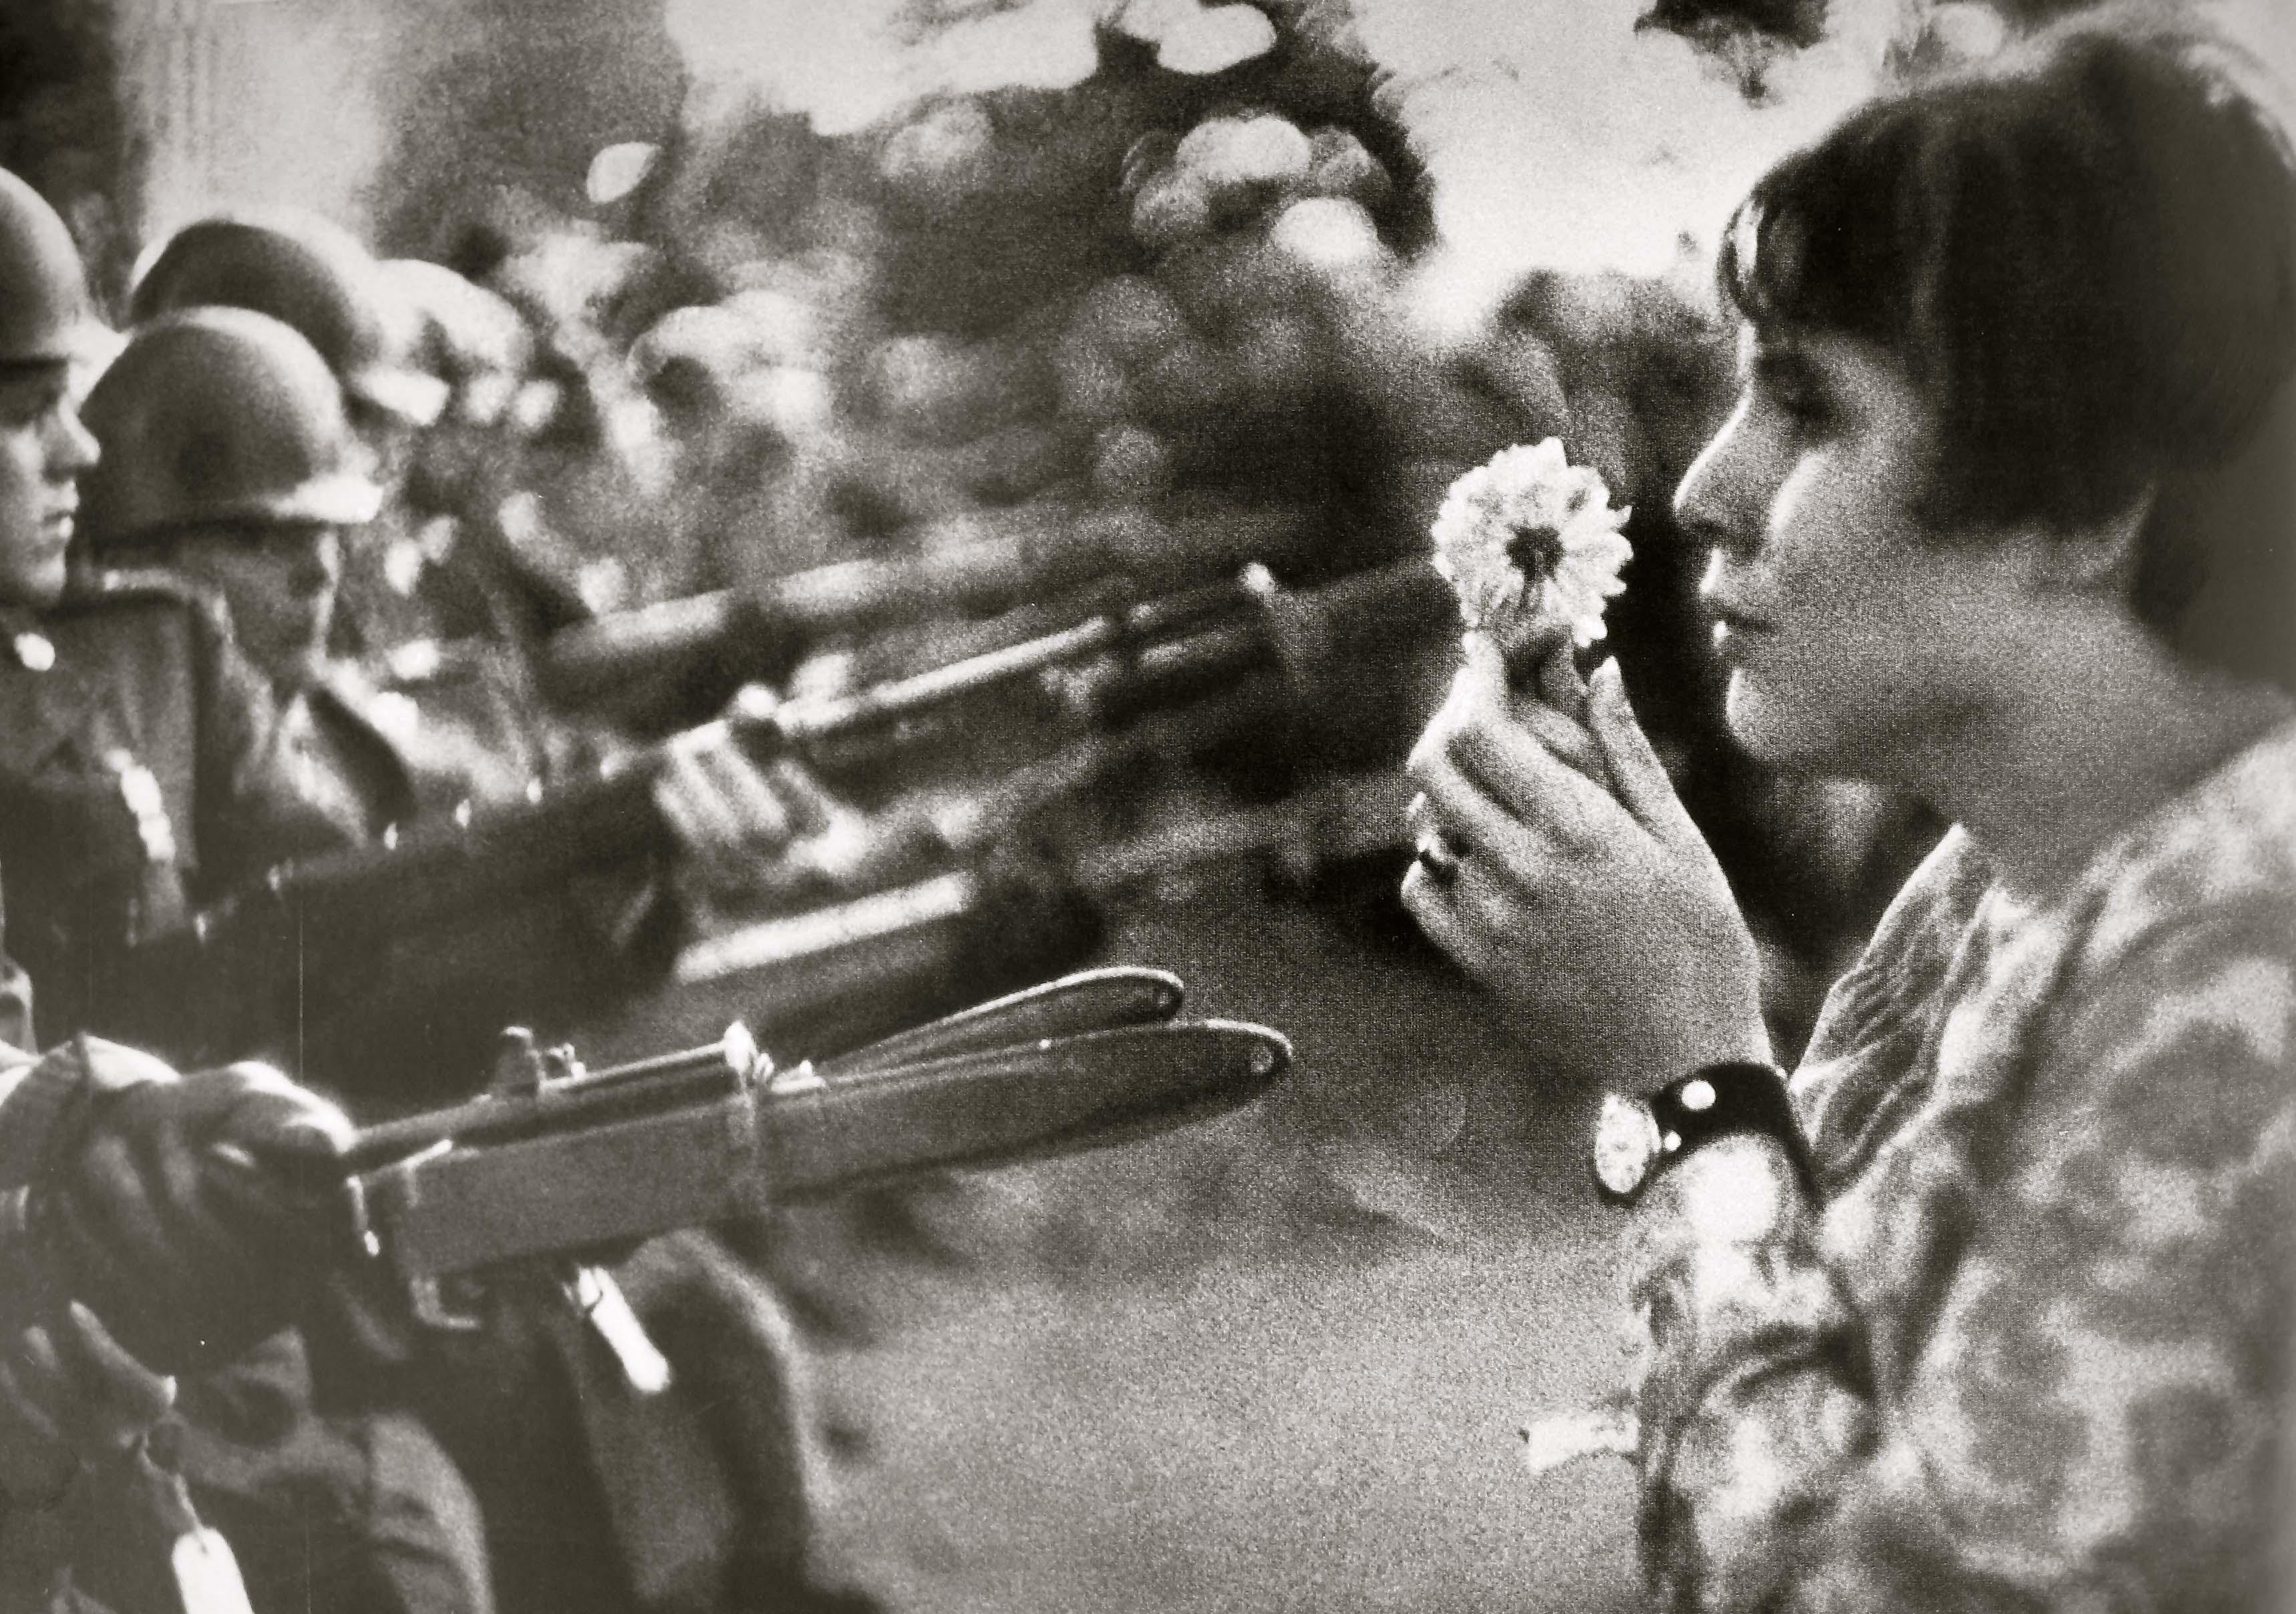 Fotos de la Guerra de Vietnam y su Historia de la Guerra de Vietnam